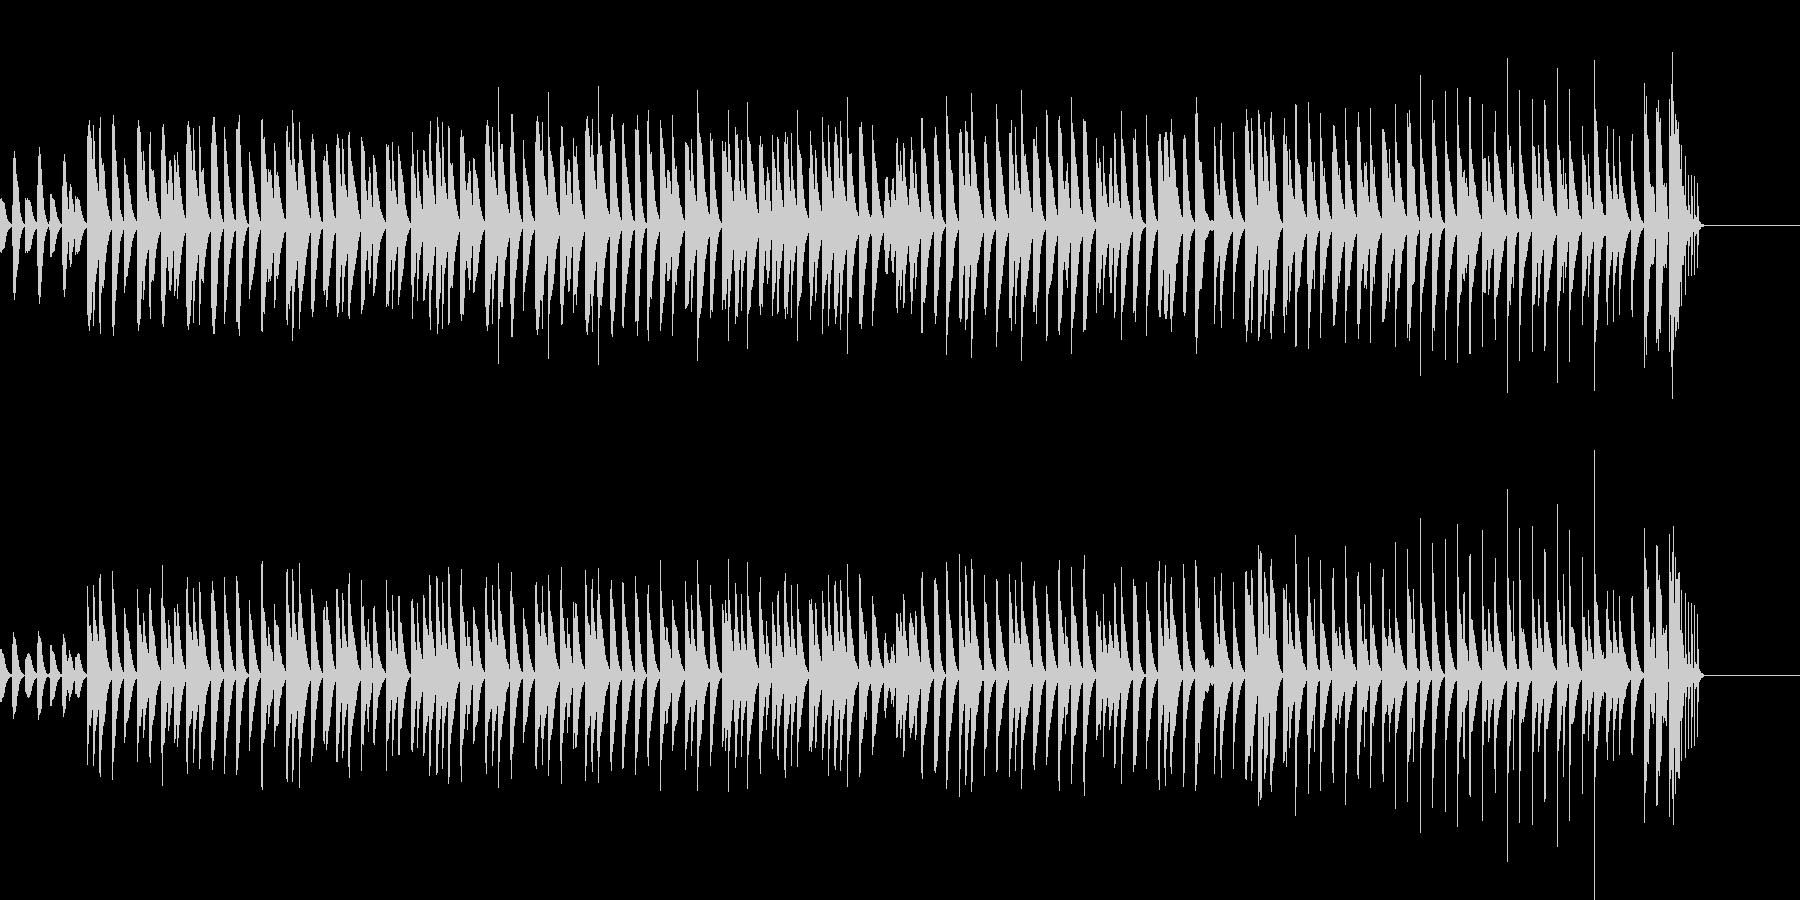 木琴が奏でるほのぼのとしたBGMの未再生の波形